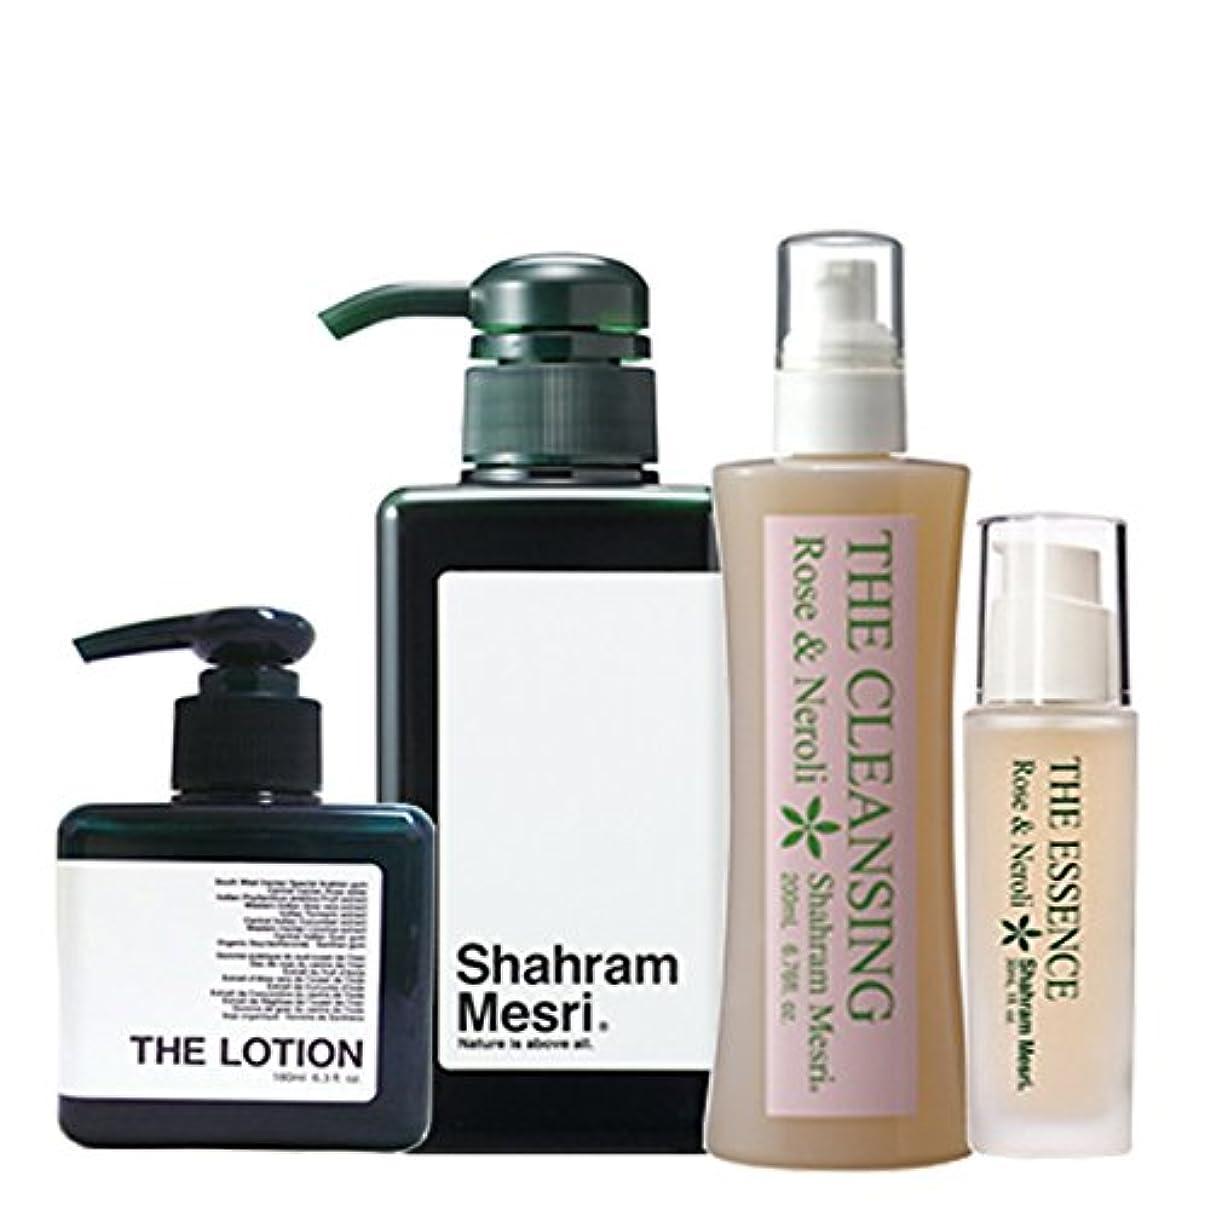 満州フロンティア自然公園Shahram Mesri パーフェクトセット シャハランメスリ ザ?シャンプー ザ?ローション ザ?クレンジング ザ?エッセンス のセットです。 お化粧落としからシャンプーそしてローションエッセンスの仕上げまで お試しください。